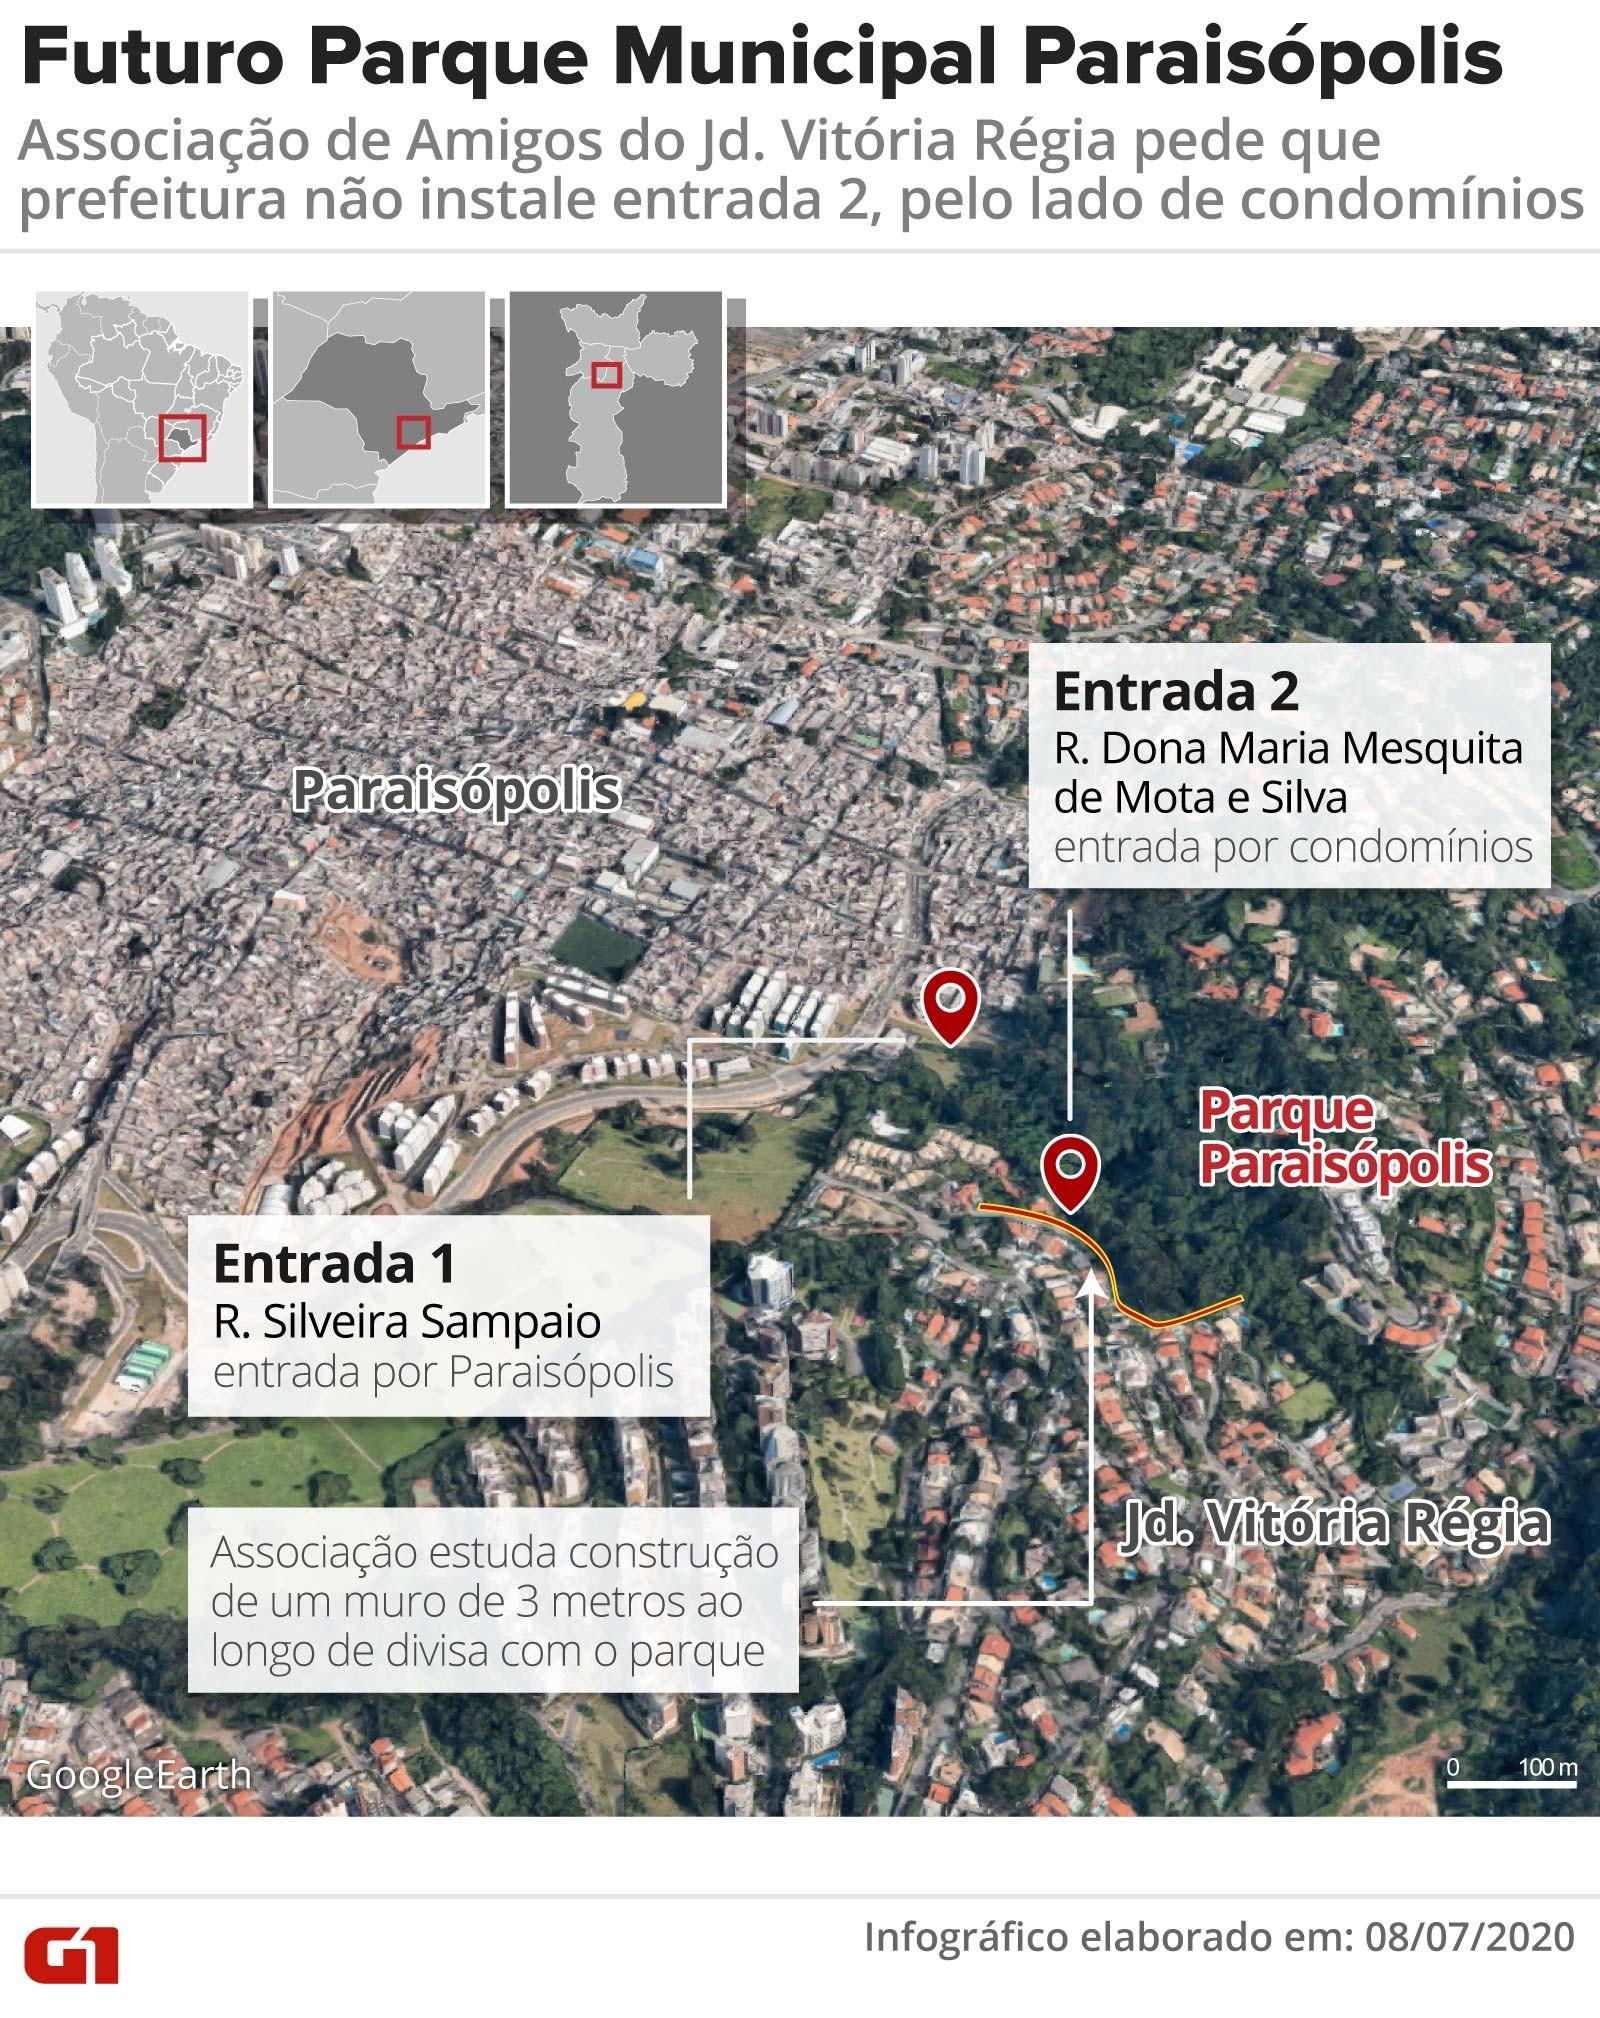 Moradores do Morumbi pedem permissão à Prefeitura de SP para construção de muro na divisa com futuro Parque Paraisópolis